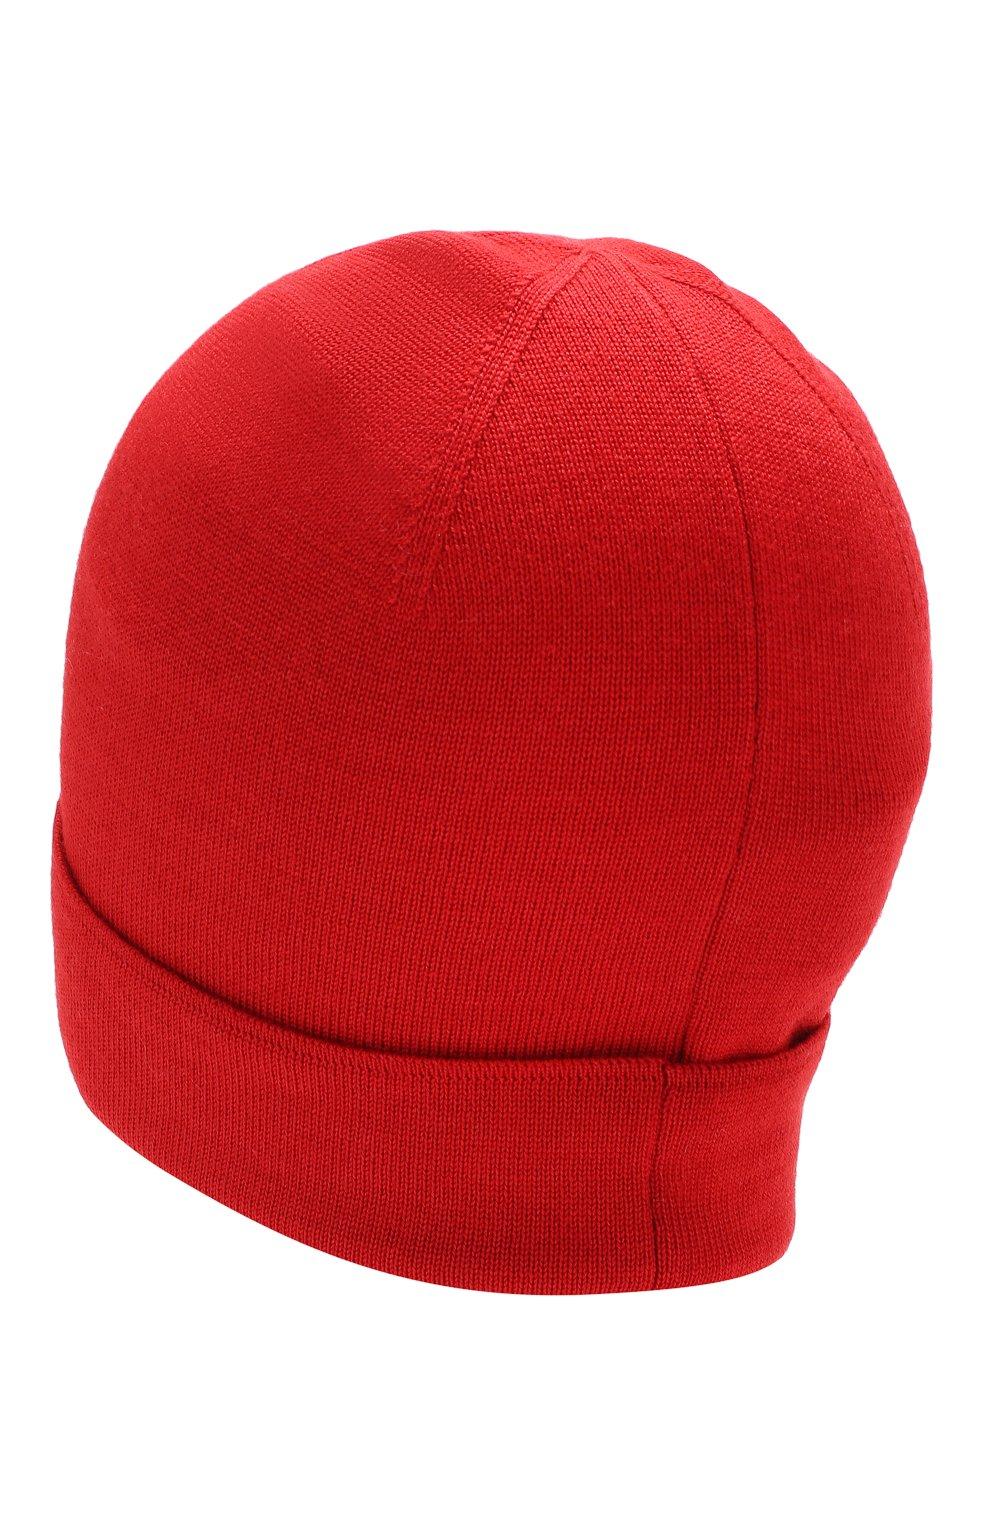 Шапка бини из смеси шерсти и шелка Versace красного цвета | Фото №2